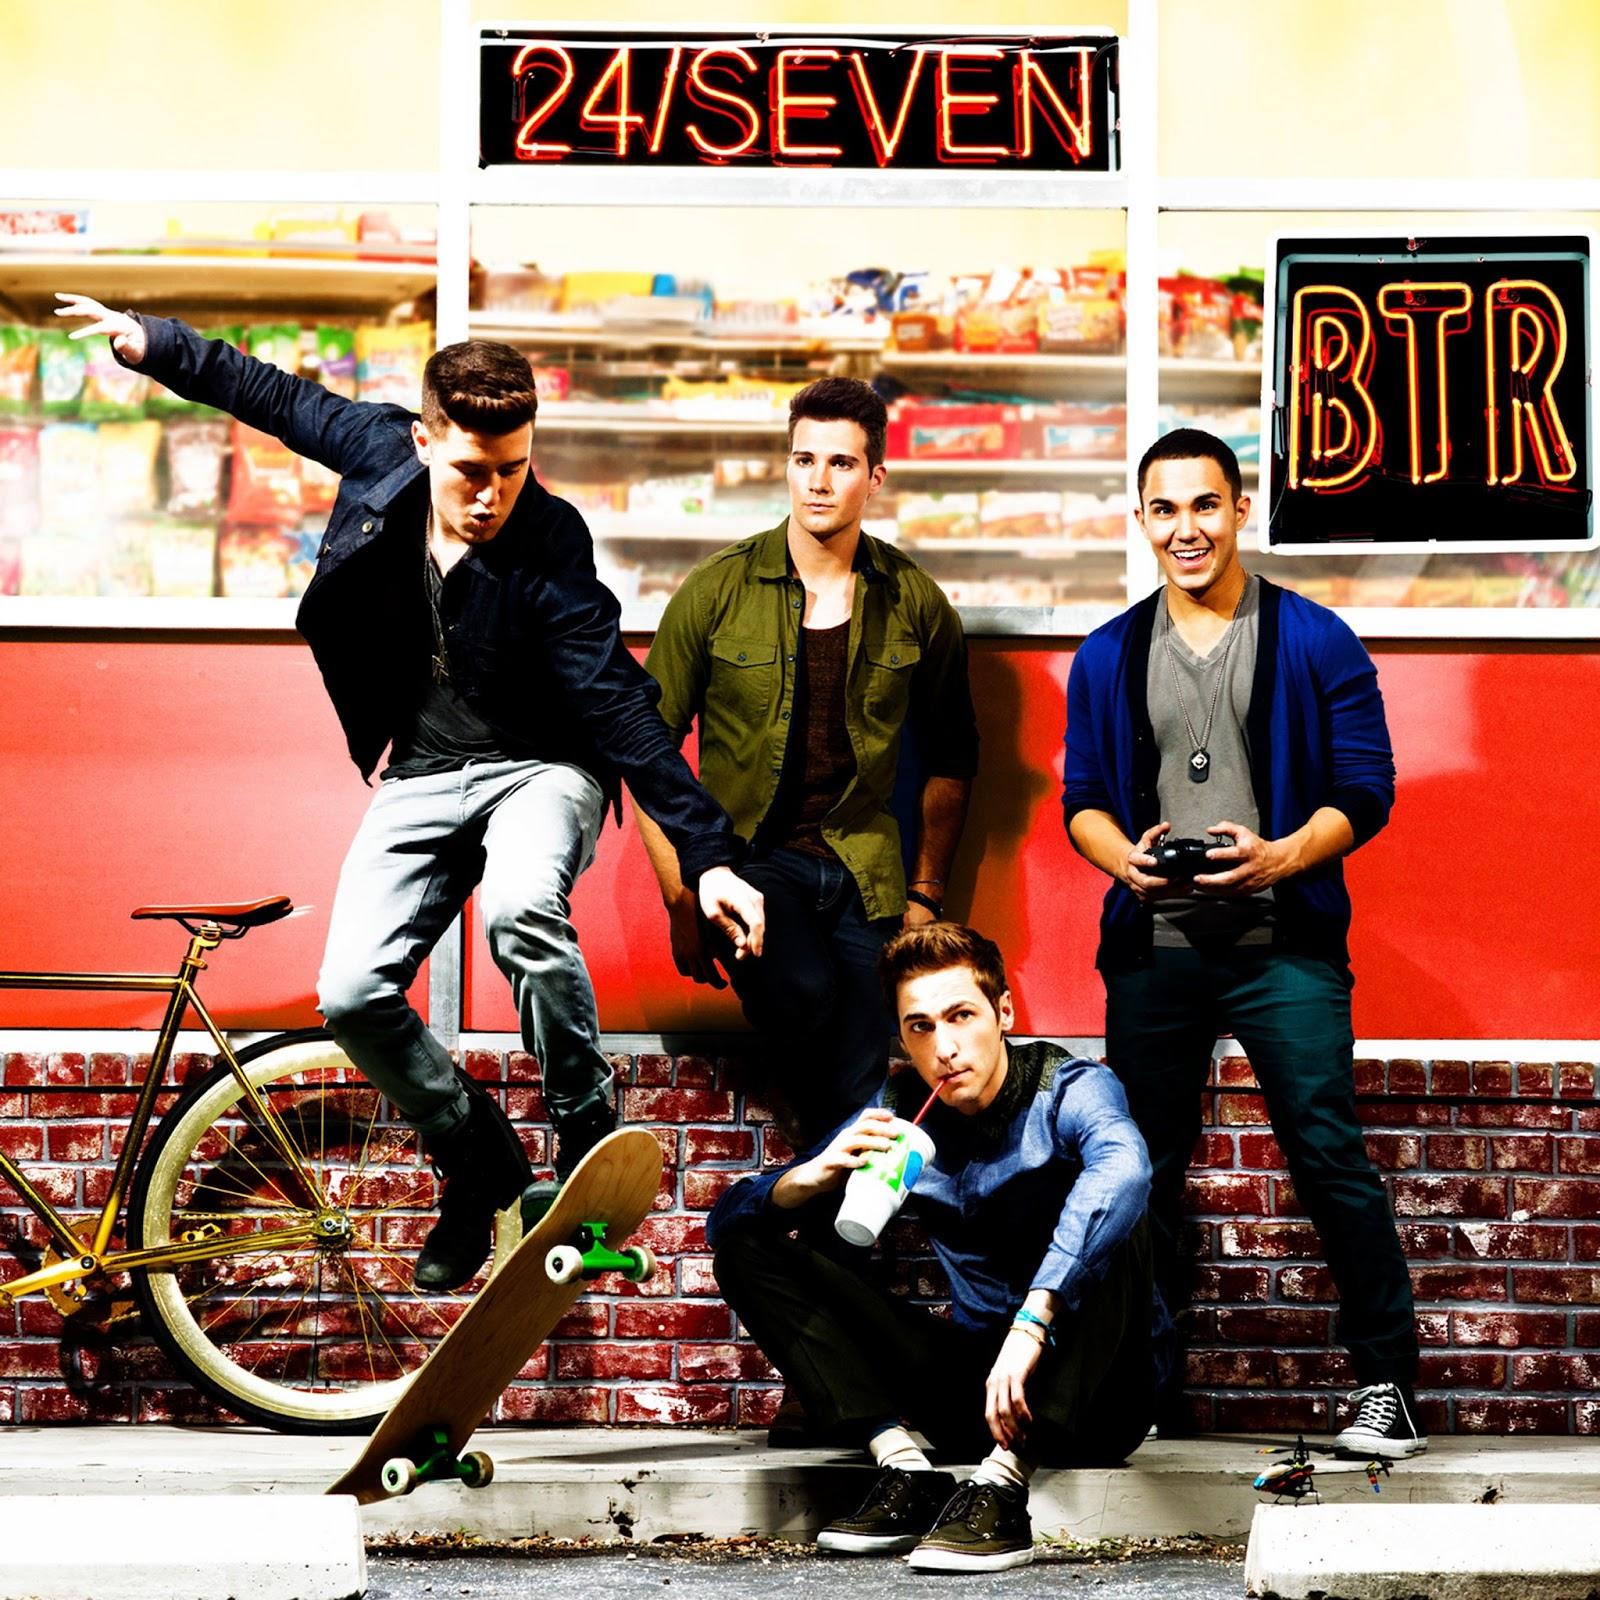 http://4.bp.blogspot.com/-FrNtq0E3HO8/UX_3Uw0hfaI/AAAAAAAASos/BCiN7N8A7Eg/s1600/Big-Time-Rush-24-Seven-Front-Cover-Album-Artwork-Art-Work-Nickelodeon-BTR_2.jpg